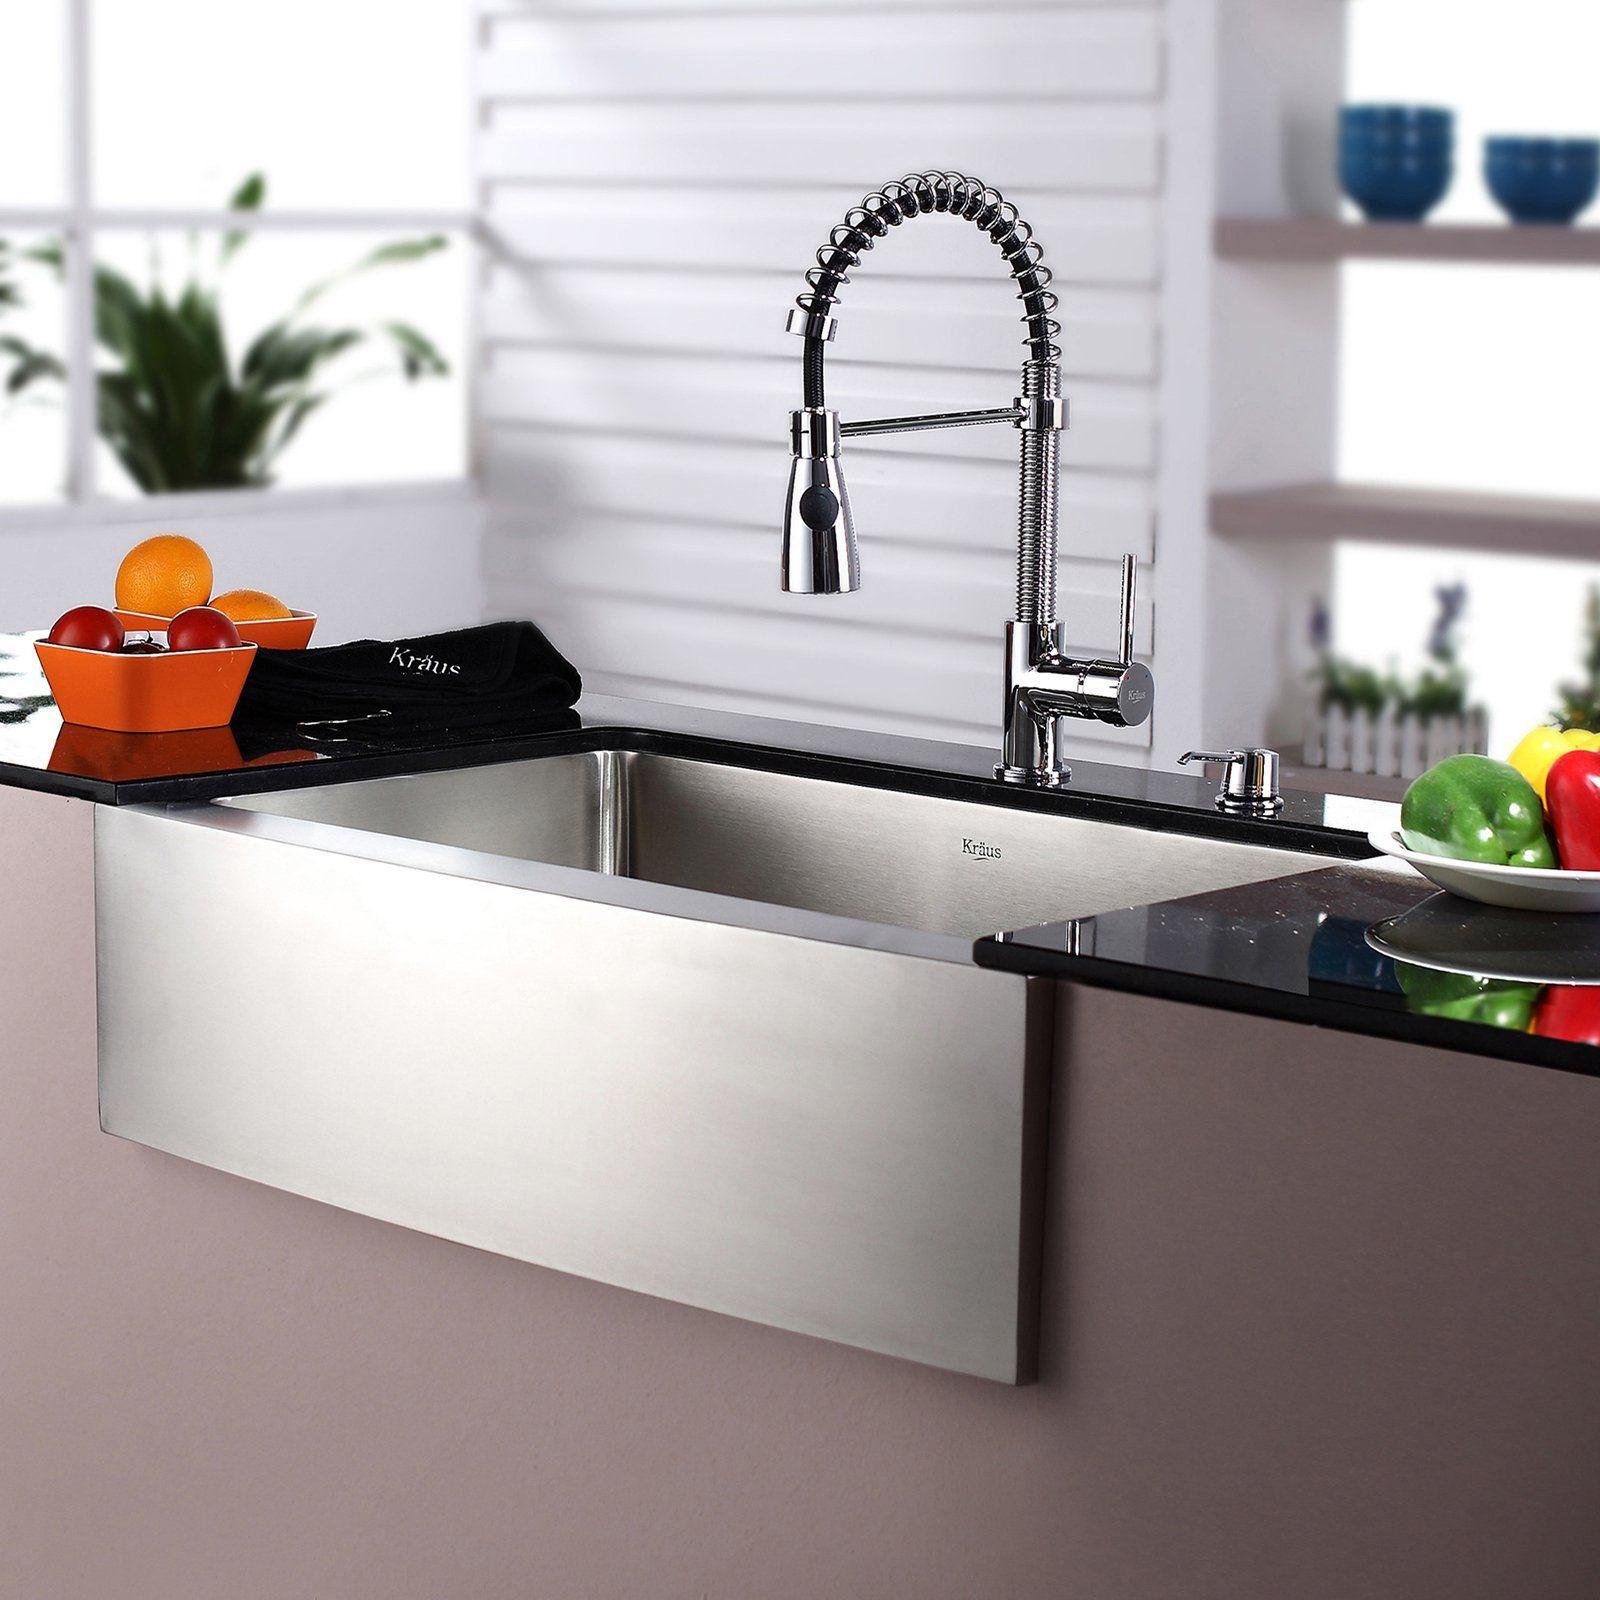 Kraus Khf200 30 Kpf1612 Ksd30ch Single Basin Farmhouse Kitchen Sink With Faucet Khf200 30 K Kitchen Sink Remodel Farmhouse Sink Kitchen Chrome Kitchen Faucet